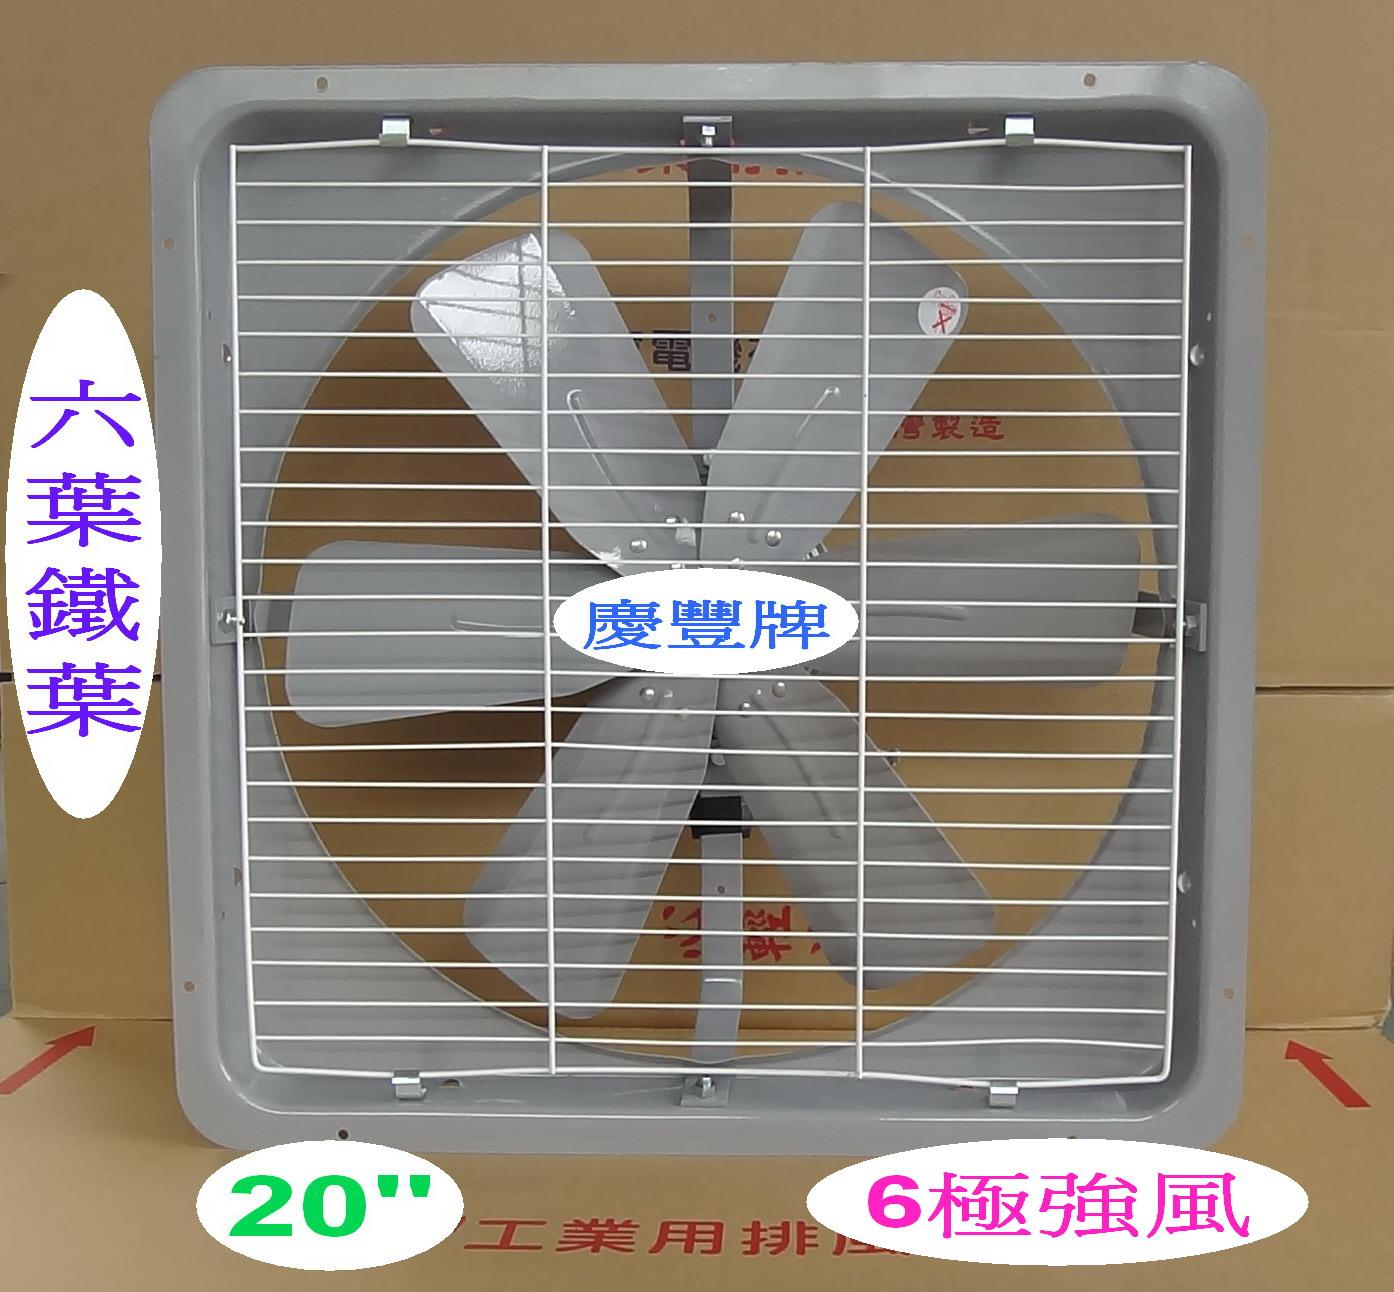 慶豐牌 20吋【6極強風】工業排風機 【6葉鐵葉】CF-2016